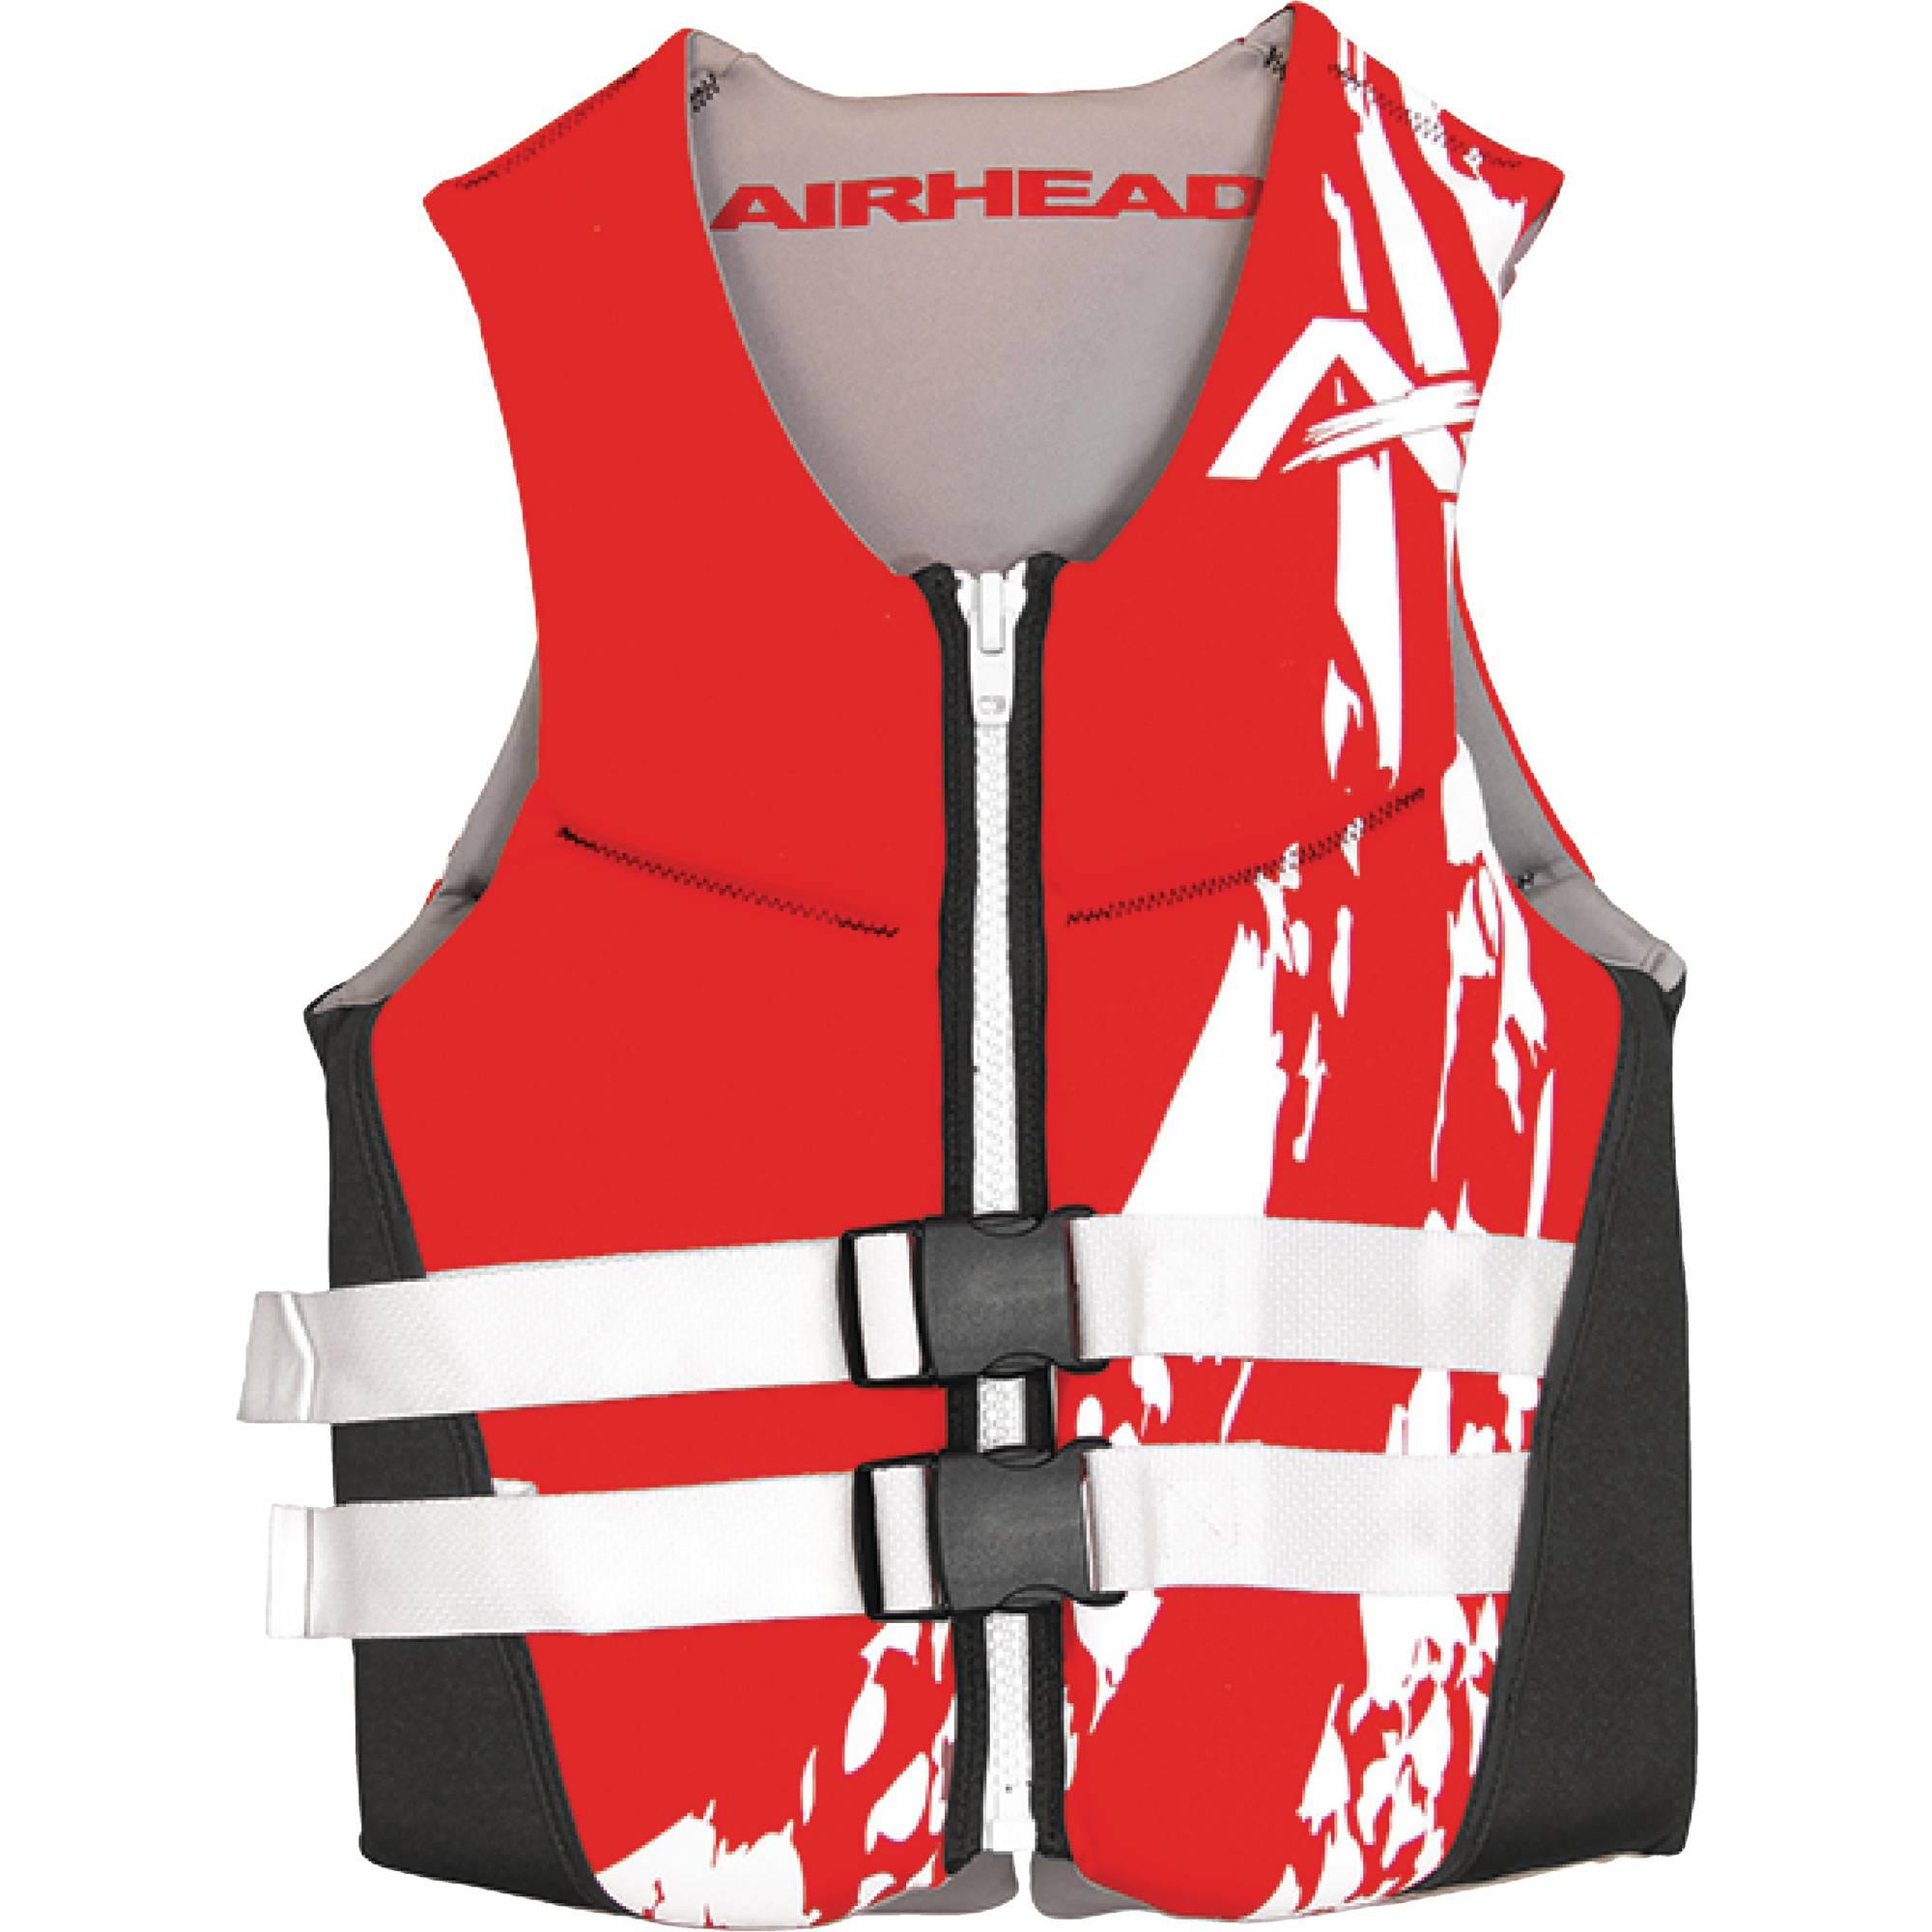 Airhead Type III Neolite Swoosh Men's Life Vest, Red